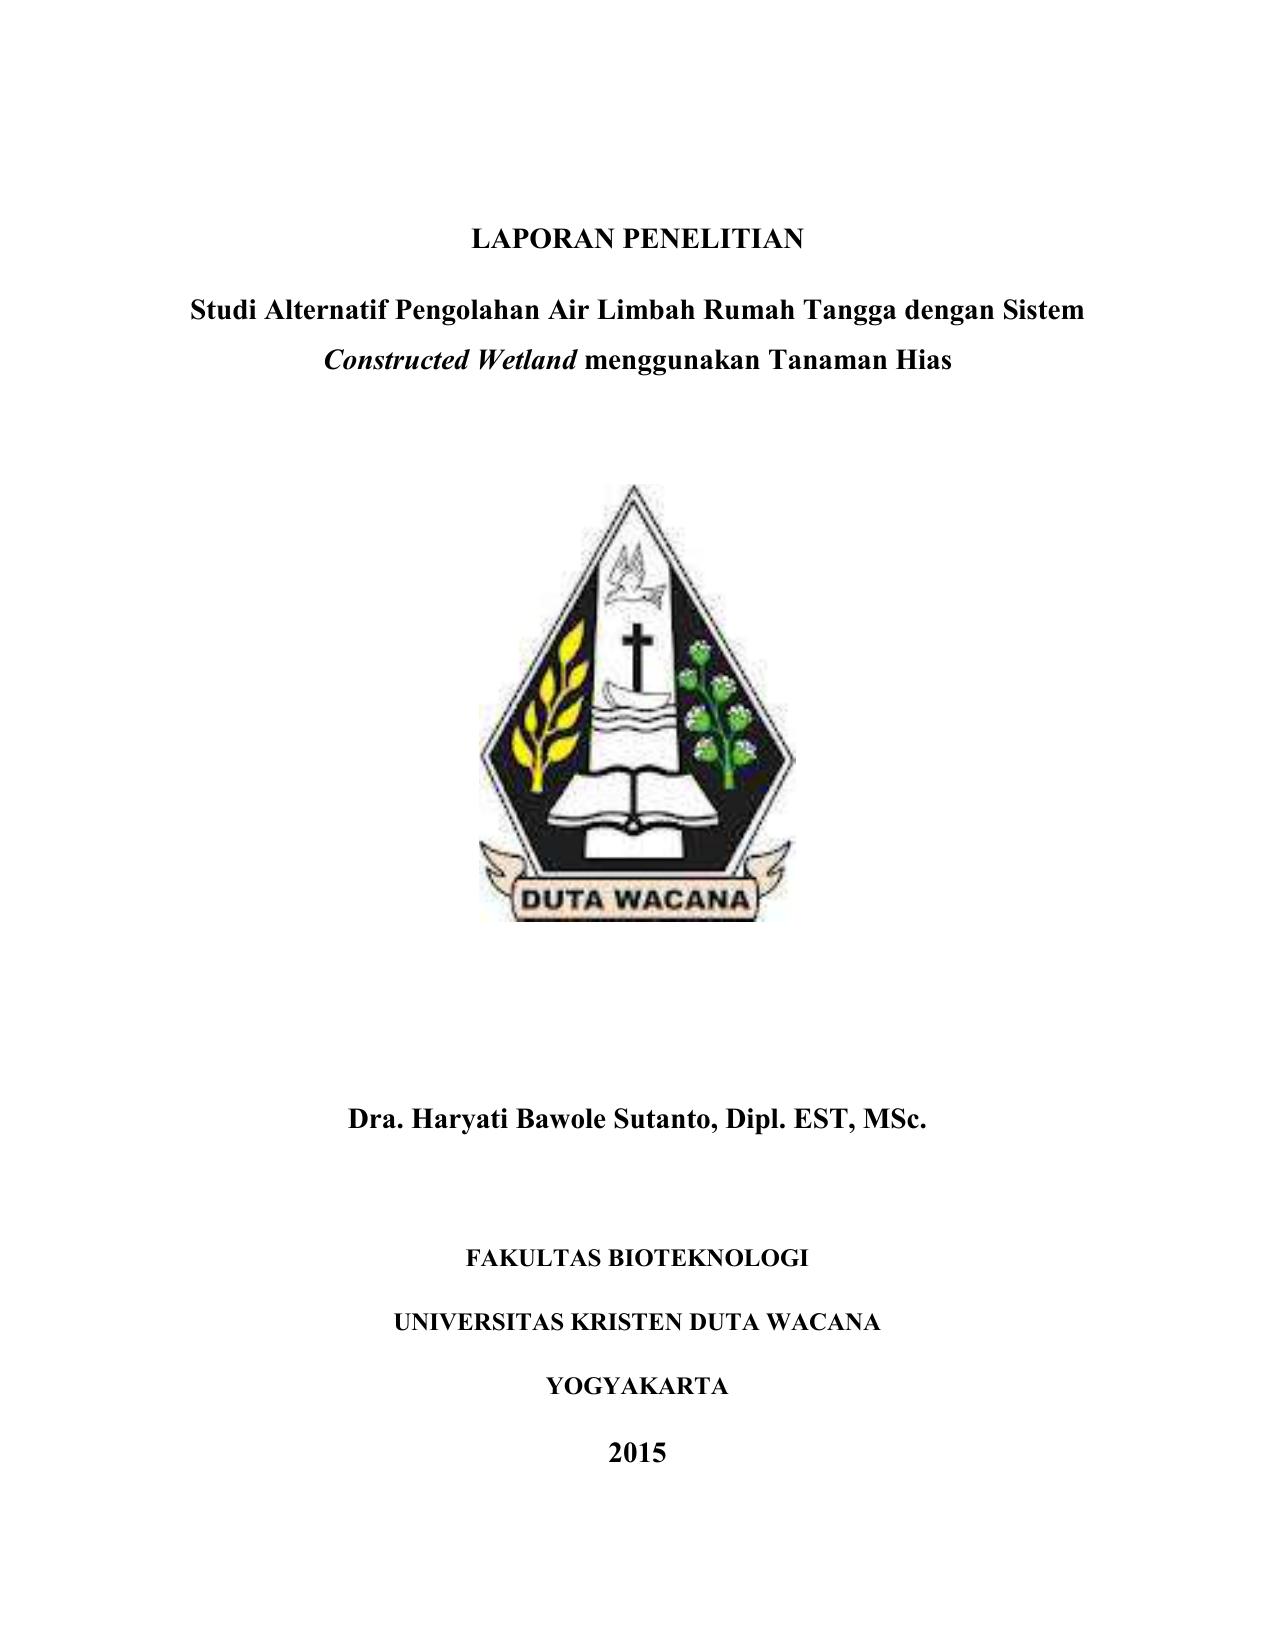 Proposal Penelitian Universitas Kristen Duta Wacana